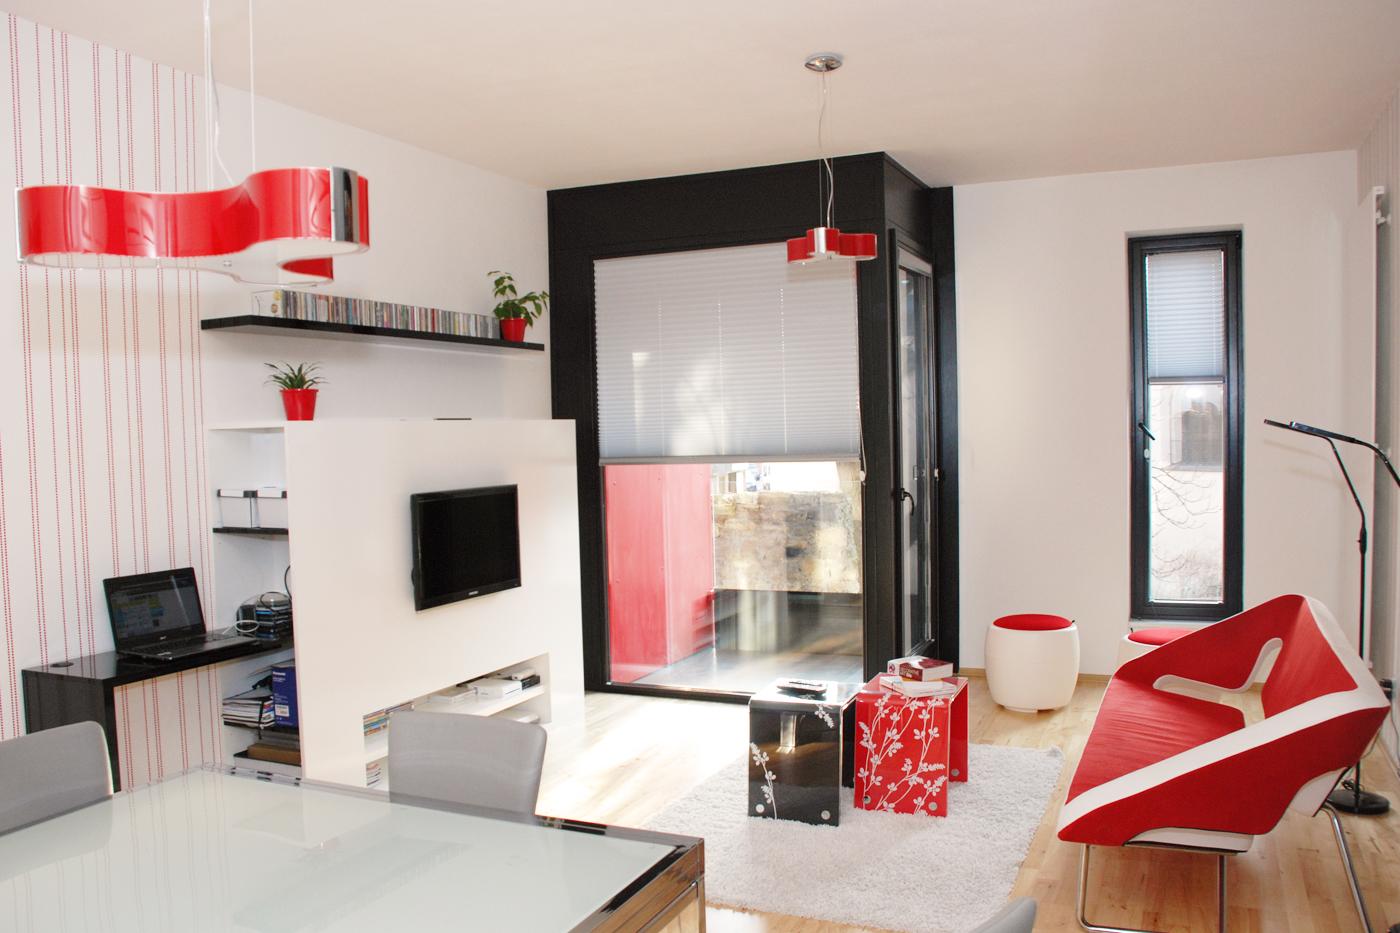 Design interiéru byt v ostravském centru tvoří rovné čisté linie víceúčelového nábytku - TV blok s PC stolíkem a úložným prostorem.